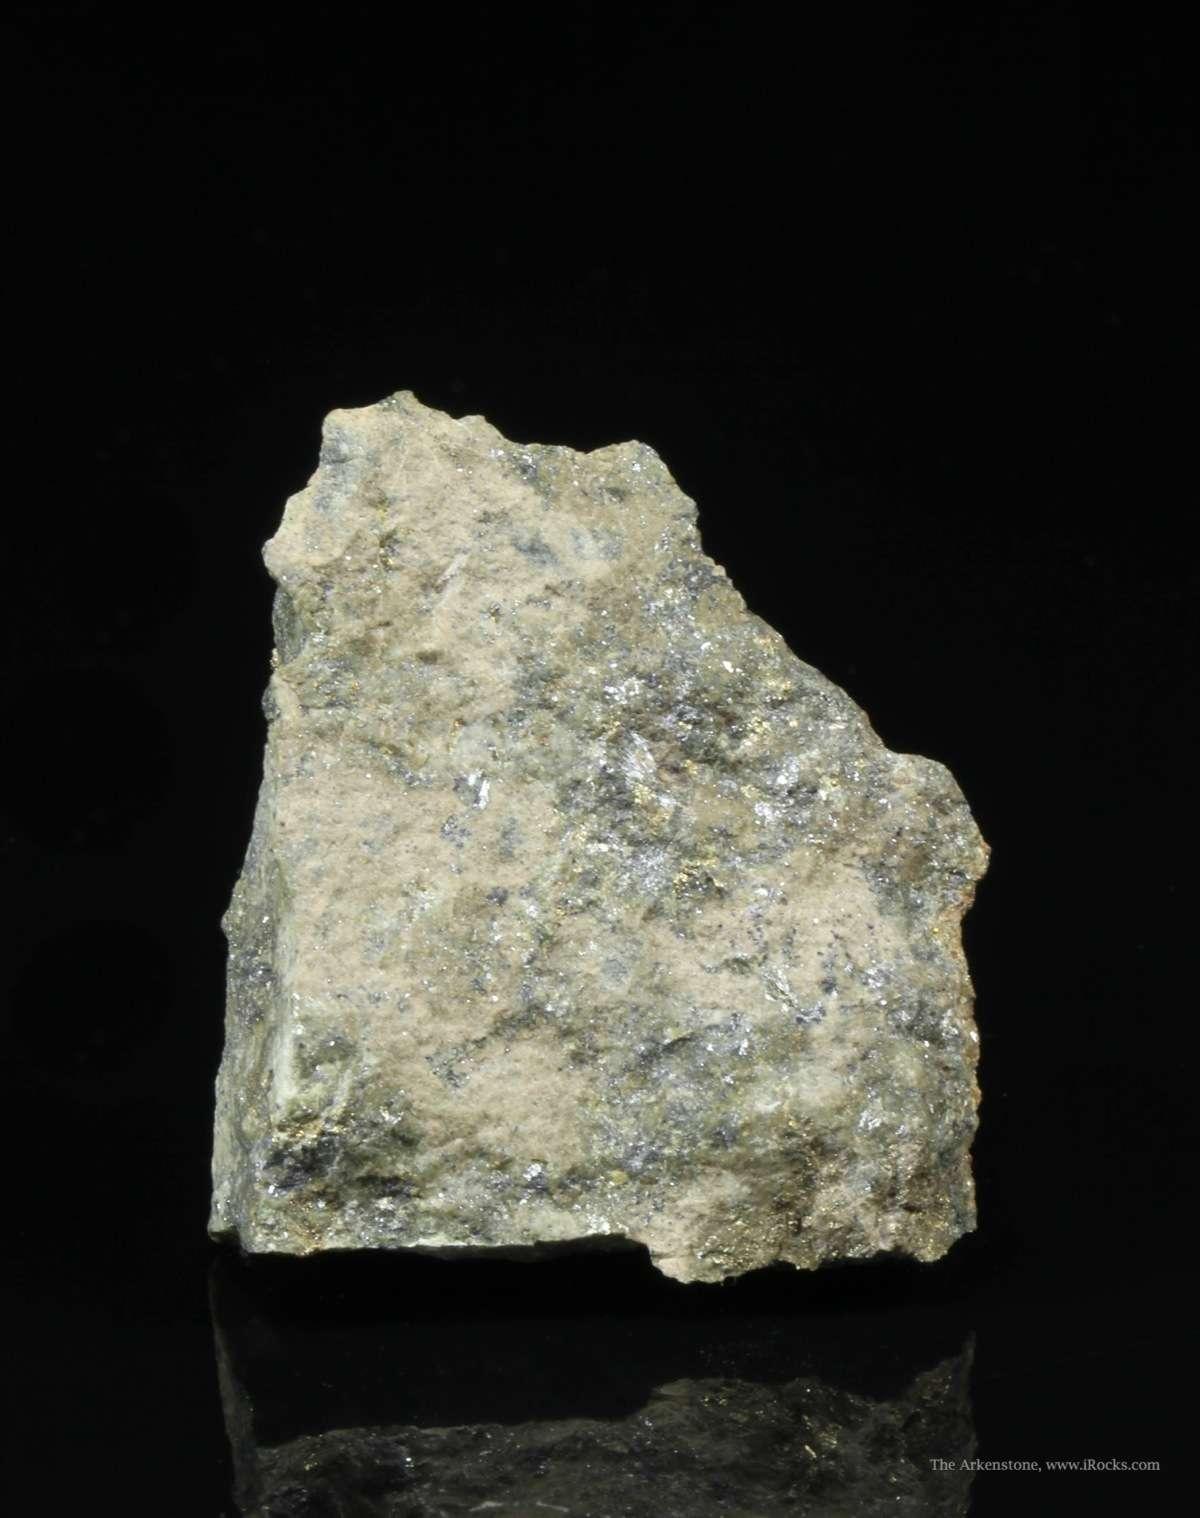 A rare silver lead bismuth sulfide The bright metallic luster abundant